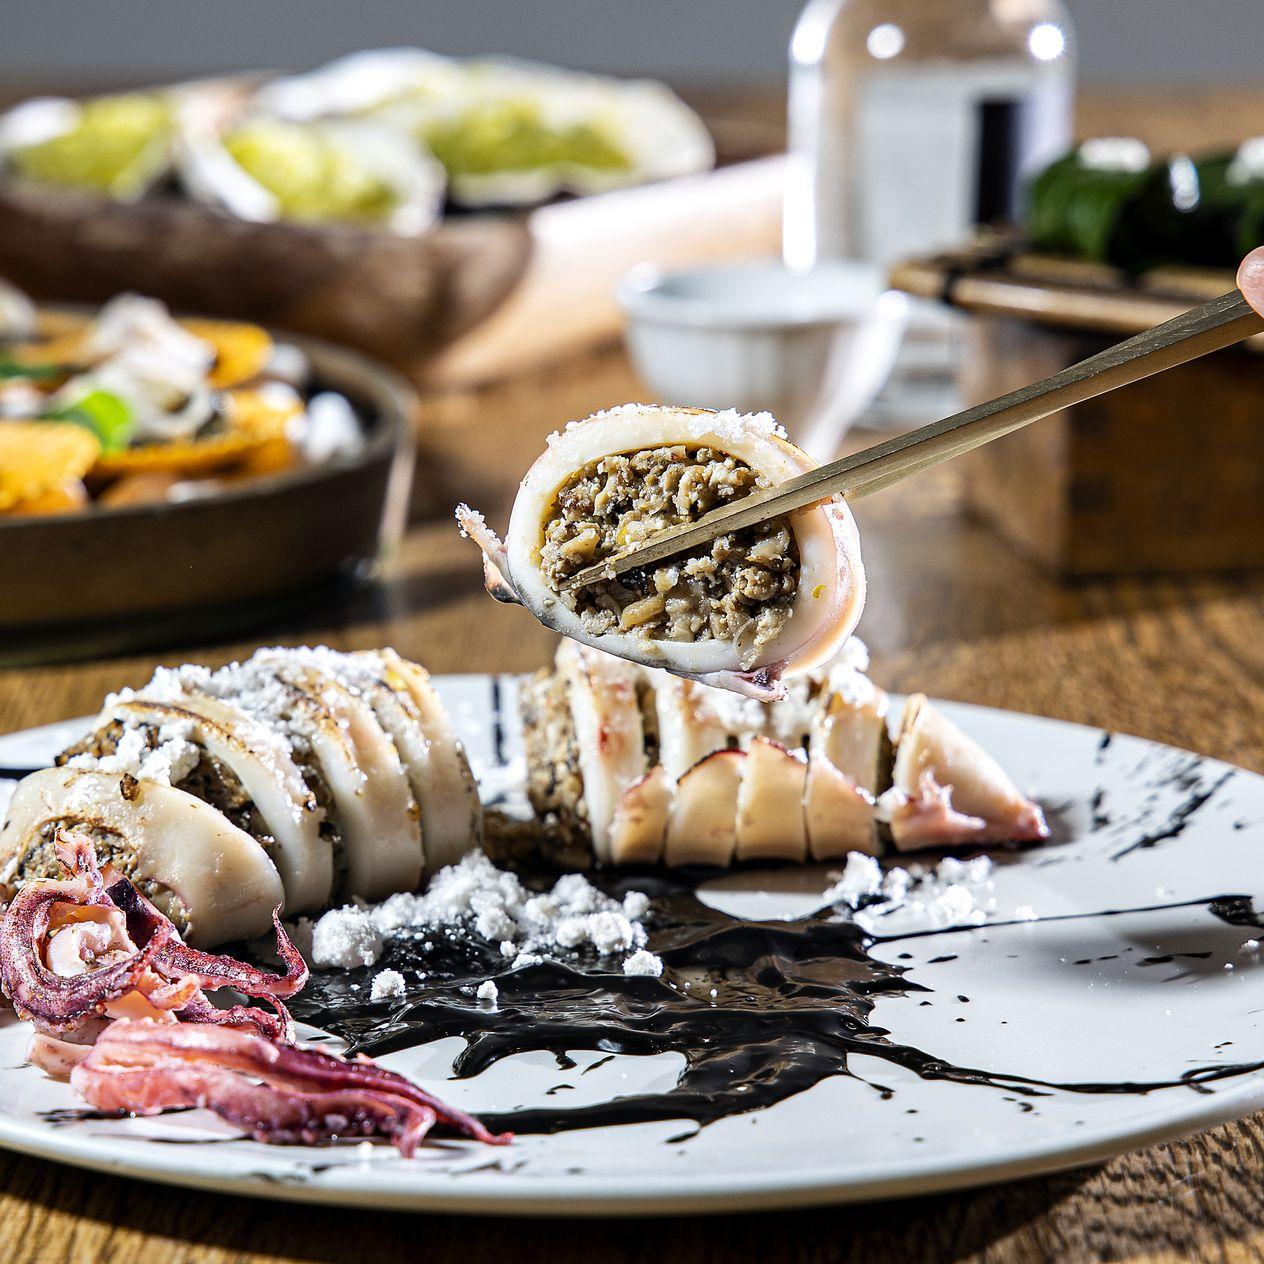 냉동 만두로 꽉~ 채운 통오징어<br>양파 올린 가리비도 '꿀맛 안주'